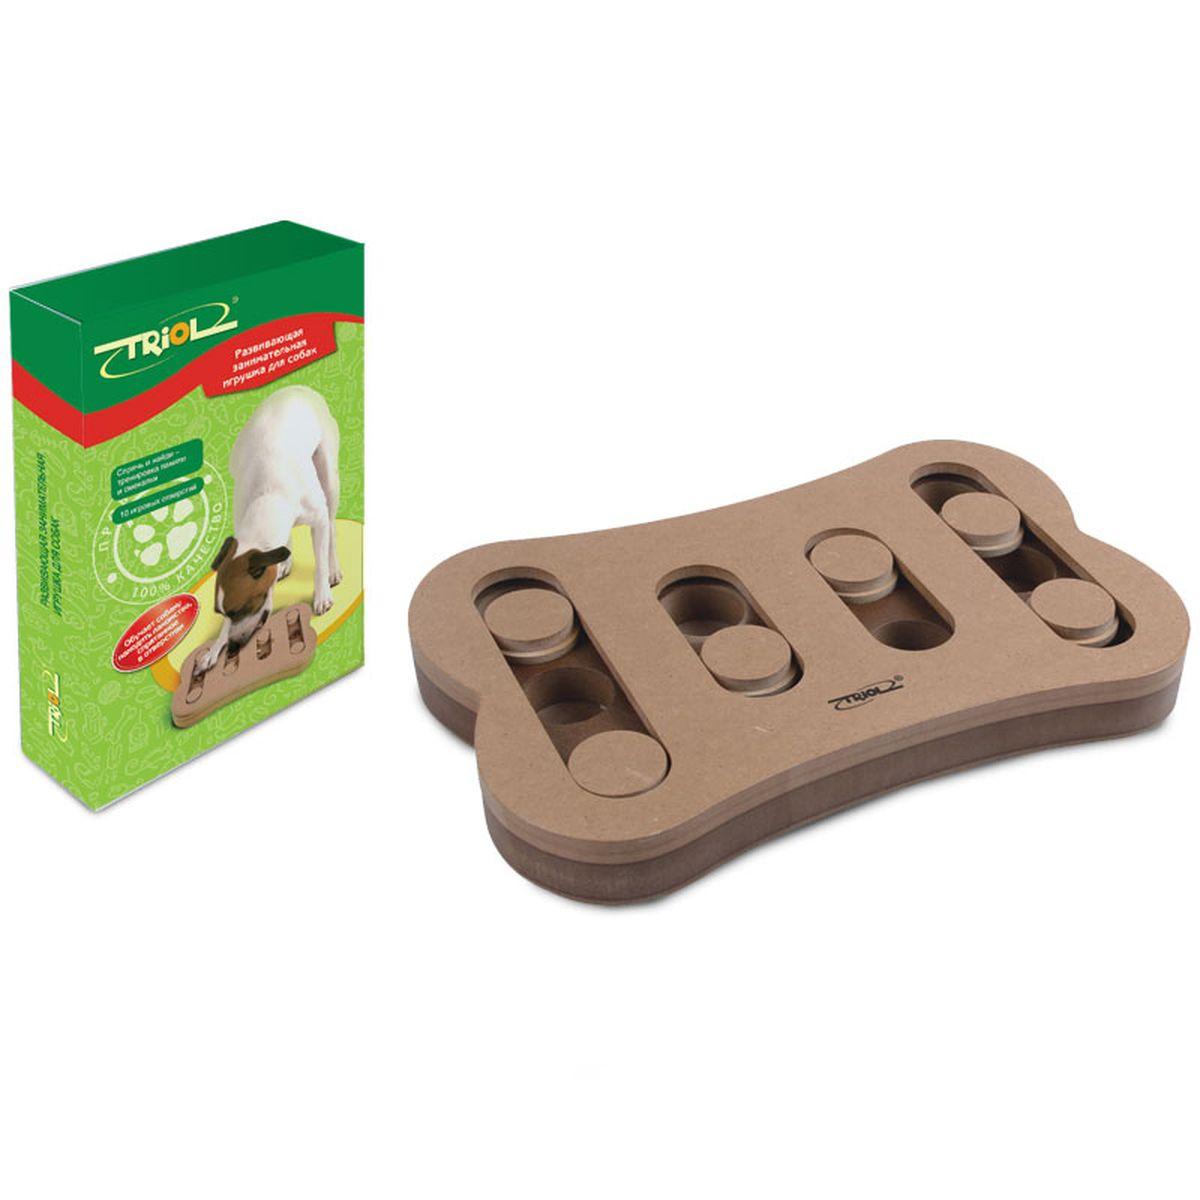 Игрушка для собак Triol, 29,5 х 19 х 3,4 смTT02Развивающие игрушки Triol™ не просто скрашивают досуг питомца и его владельца, они помогают в дрессировке, тренируют память и мышление домашних питомцев, да и просто украшают интерьер своим необычным видом. Практичная игрушка, наполняемая кормом, для щенков и собак, займет Вашего четвероногого друга на долгие часы. Вам достаточно лишь спрятать угощение в одной из лунок и накрыть их пятнашками. Используя лапы и нос, собака сама сможет определять, где именно спрятано лакомство, и доставать его оттуда. Игрушка Спрячь и найди предназначена для тренировки памяти и смекалки. На каждой стороне игрушки есть специальные отверстия, в которые можно положить кусочки лакомств, чтобы питомцам было гораздо интереснее выполнять задания. Развивающая игрушка-кормушка для собак Triol TT-02 стимулирует охотничьи навыки собаки, стимулируя ее к активному поиску обычного корма или лакомства.